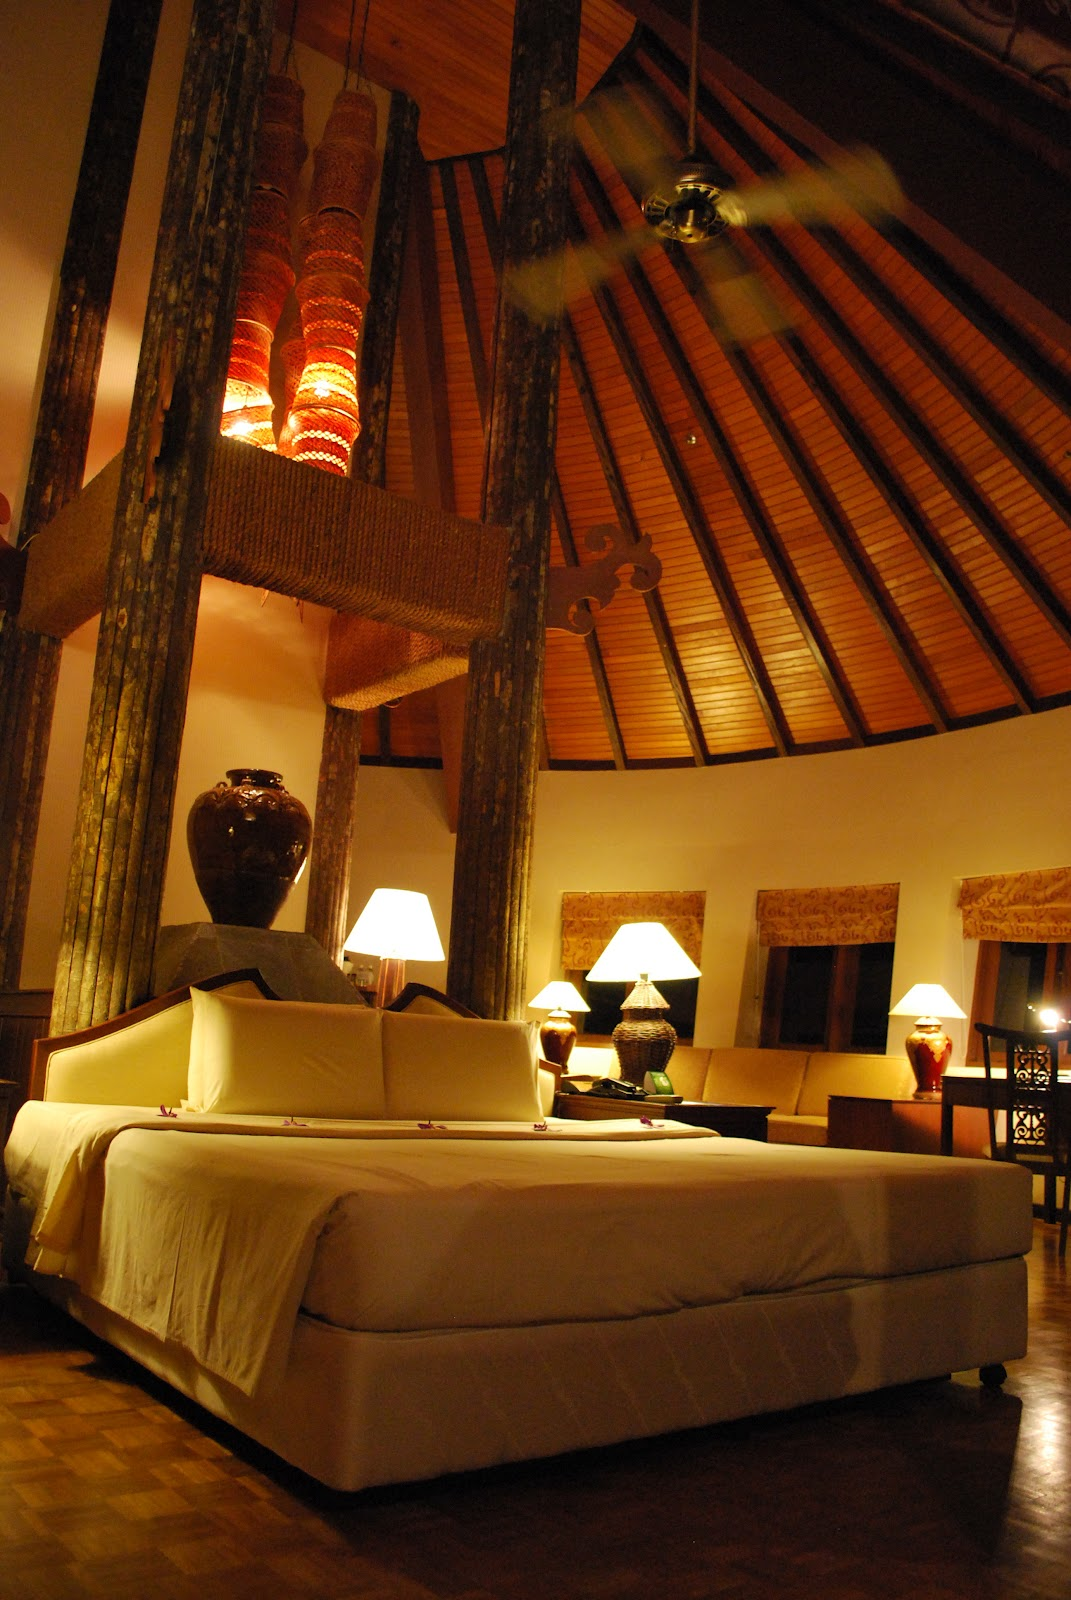 Damai Beach Resort Besut